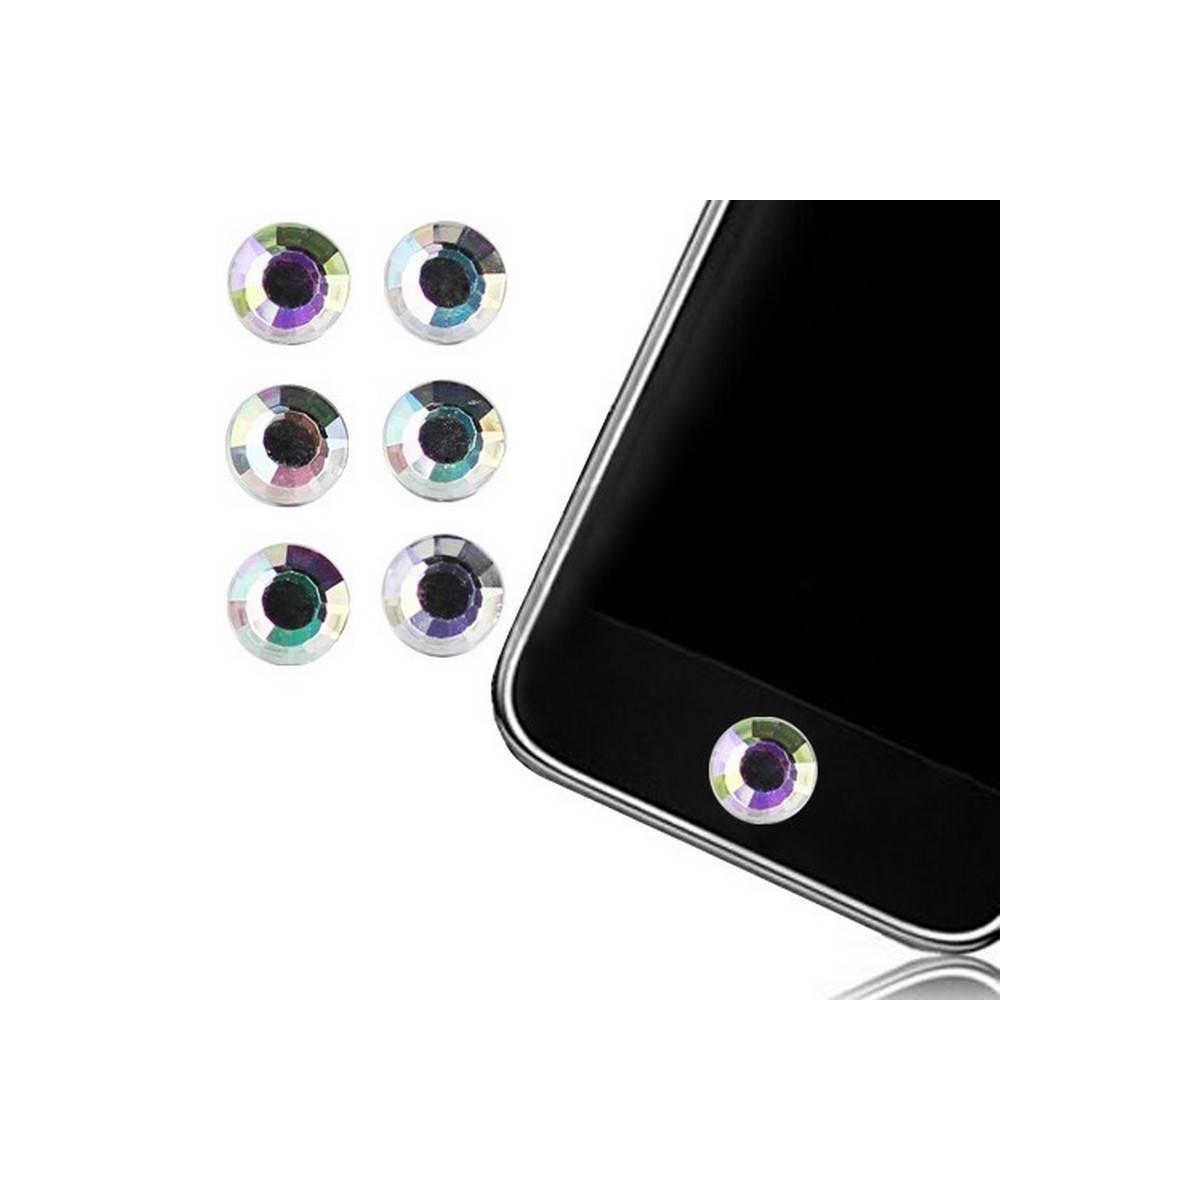 STICK PEGATINA de Boton Home iPHONE Transparente